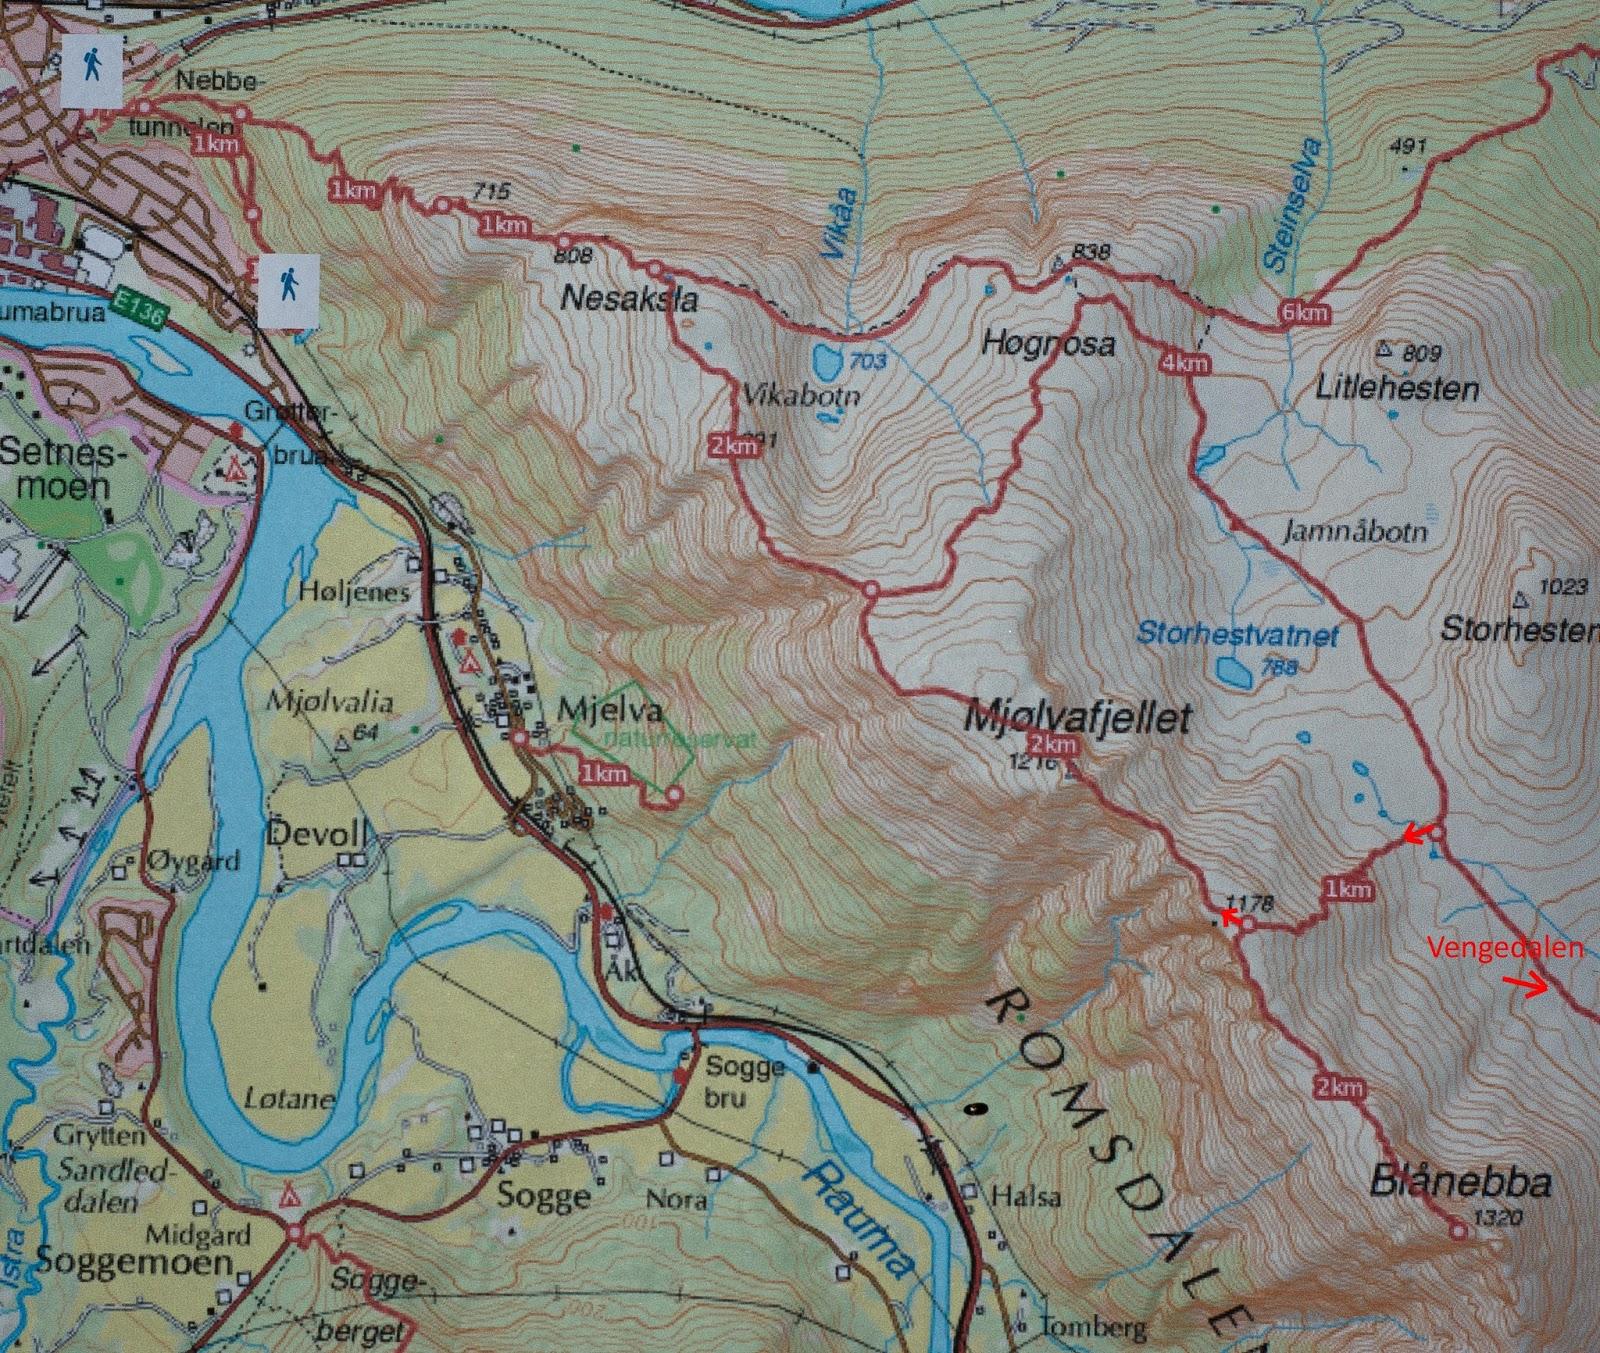 romsdalseggen kart geima#natur: Romsdalseggen (normalruta) og Blånebba (1320). 24.09.17. romsdalseggen kart